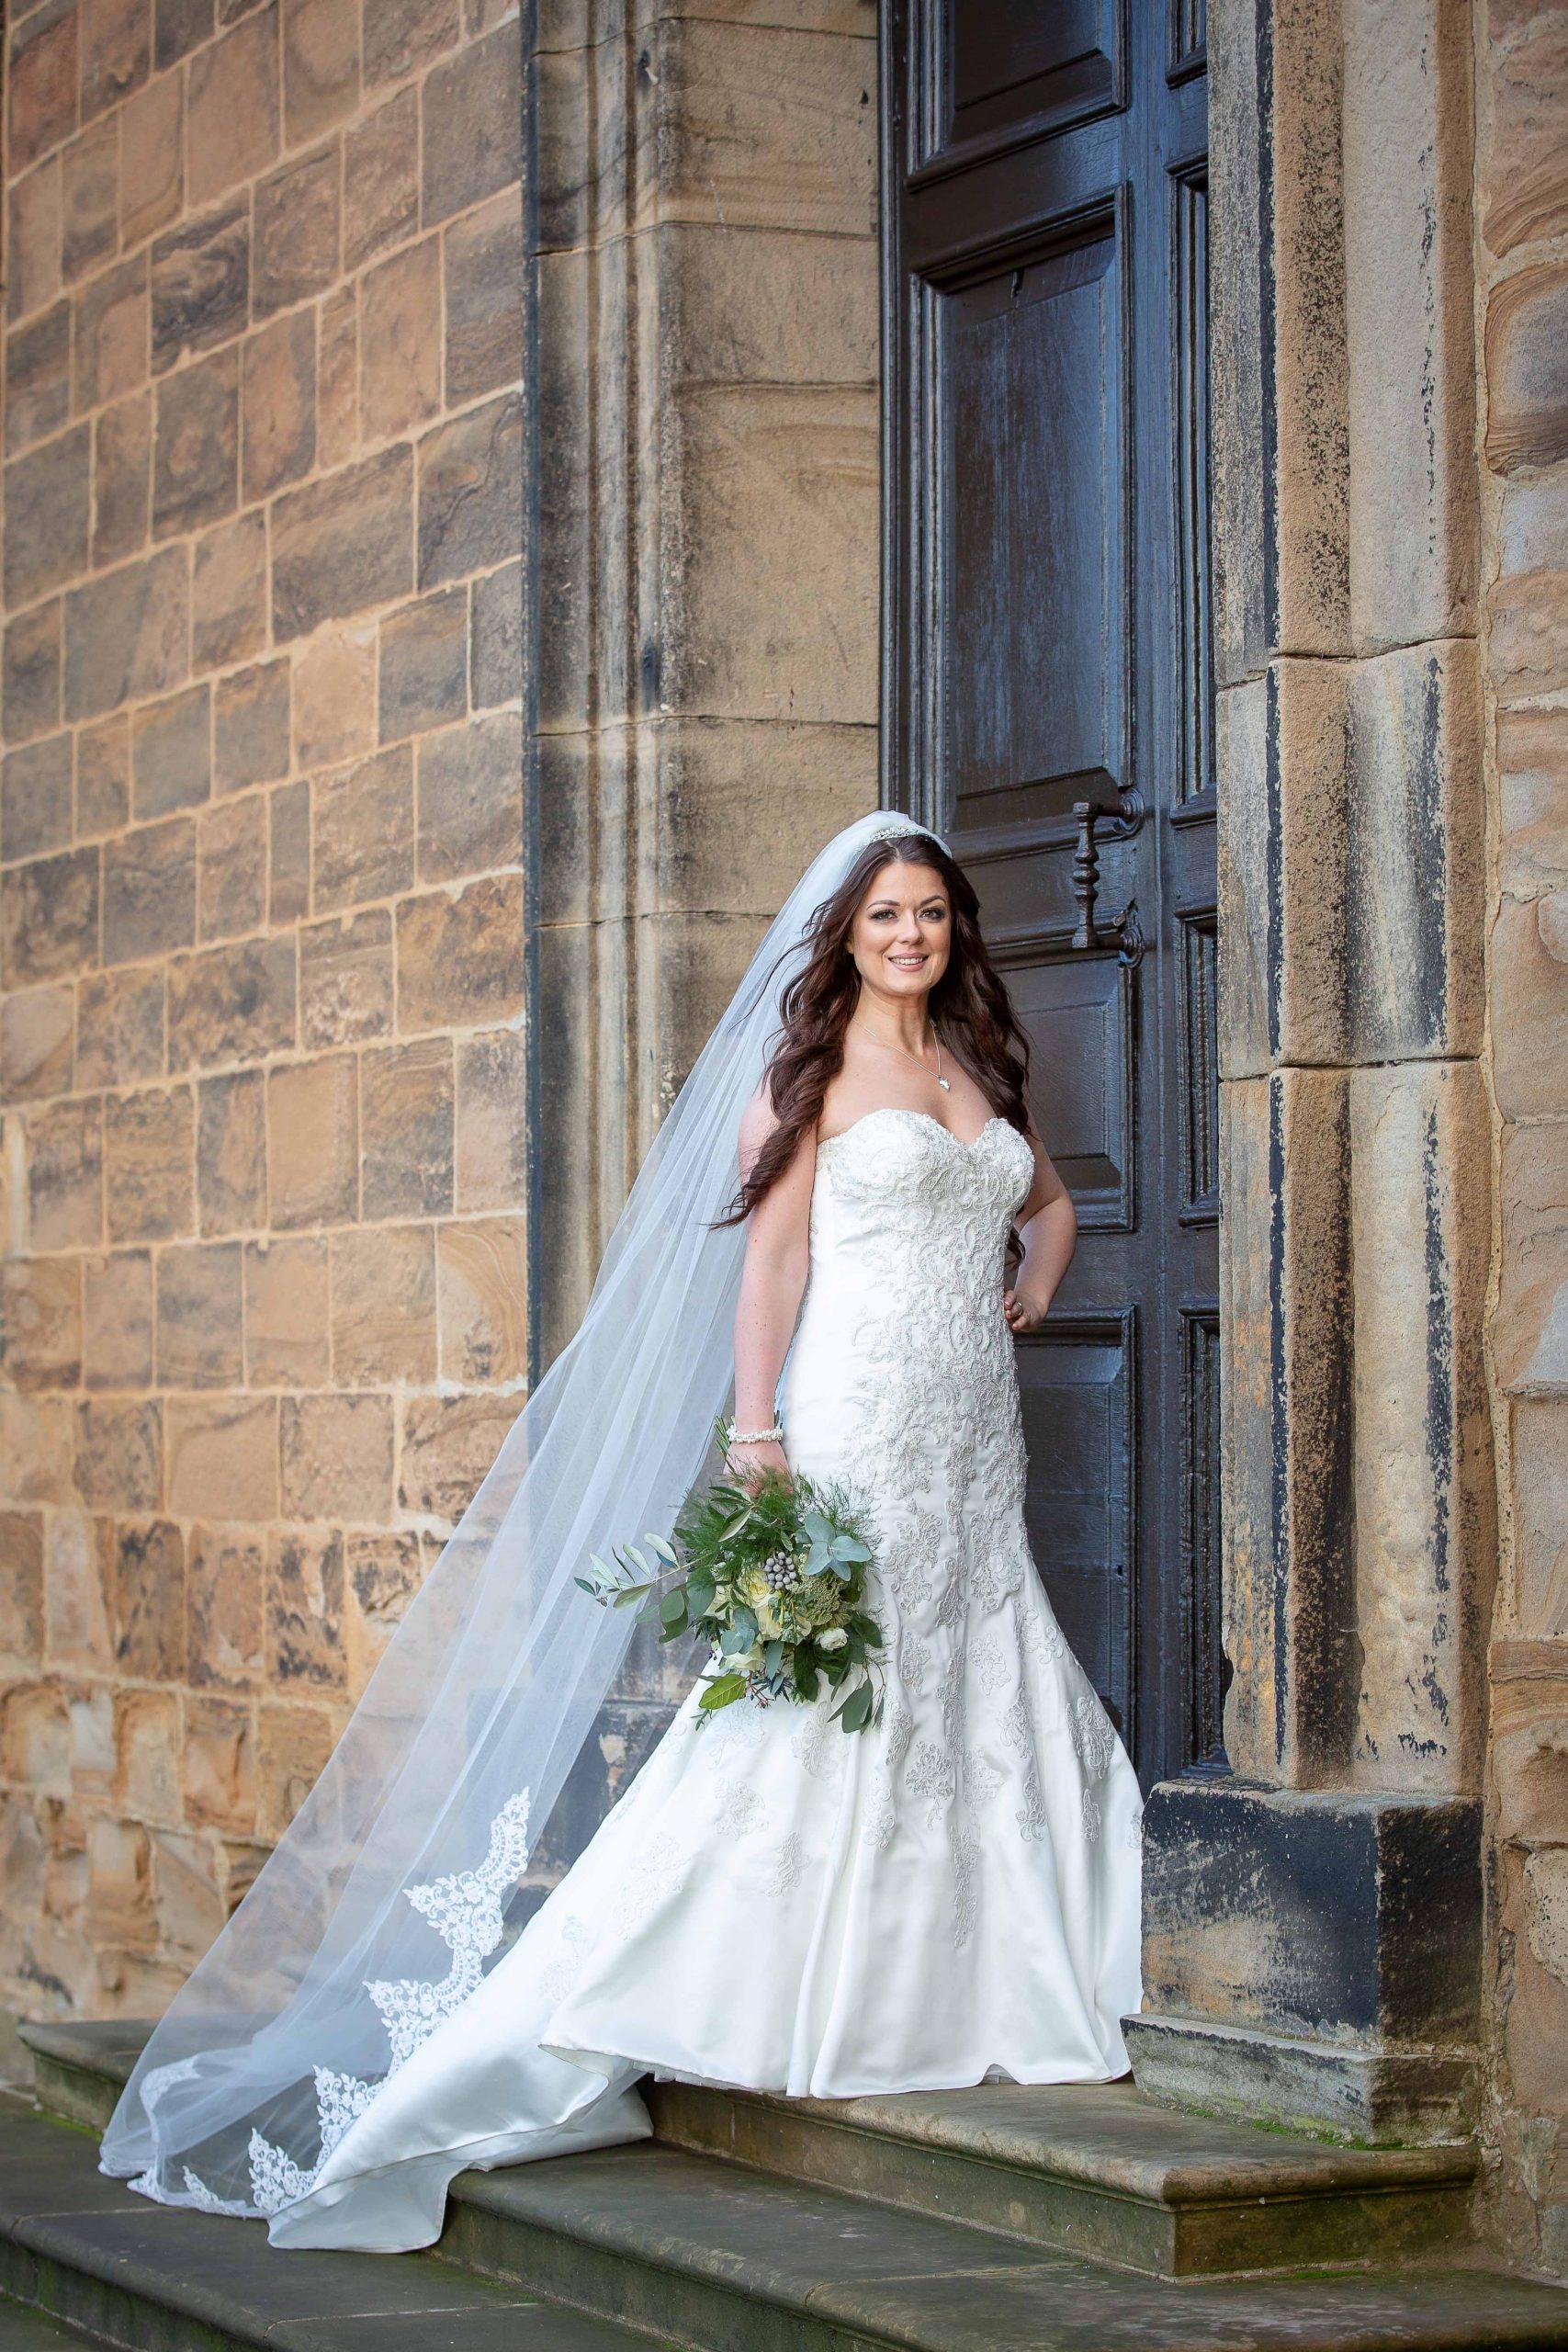 Stunning Lumley castle bride